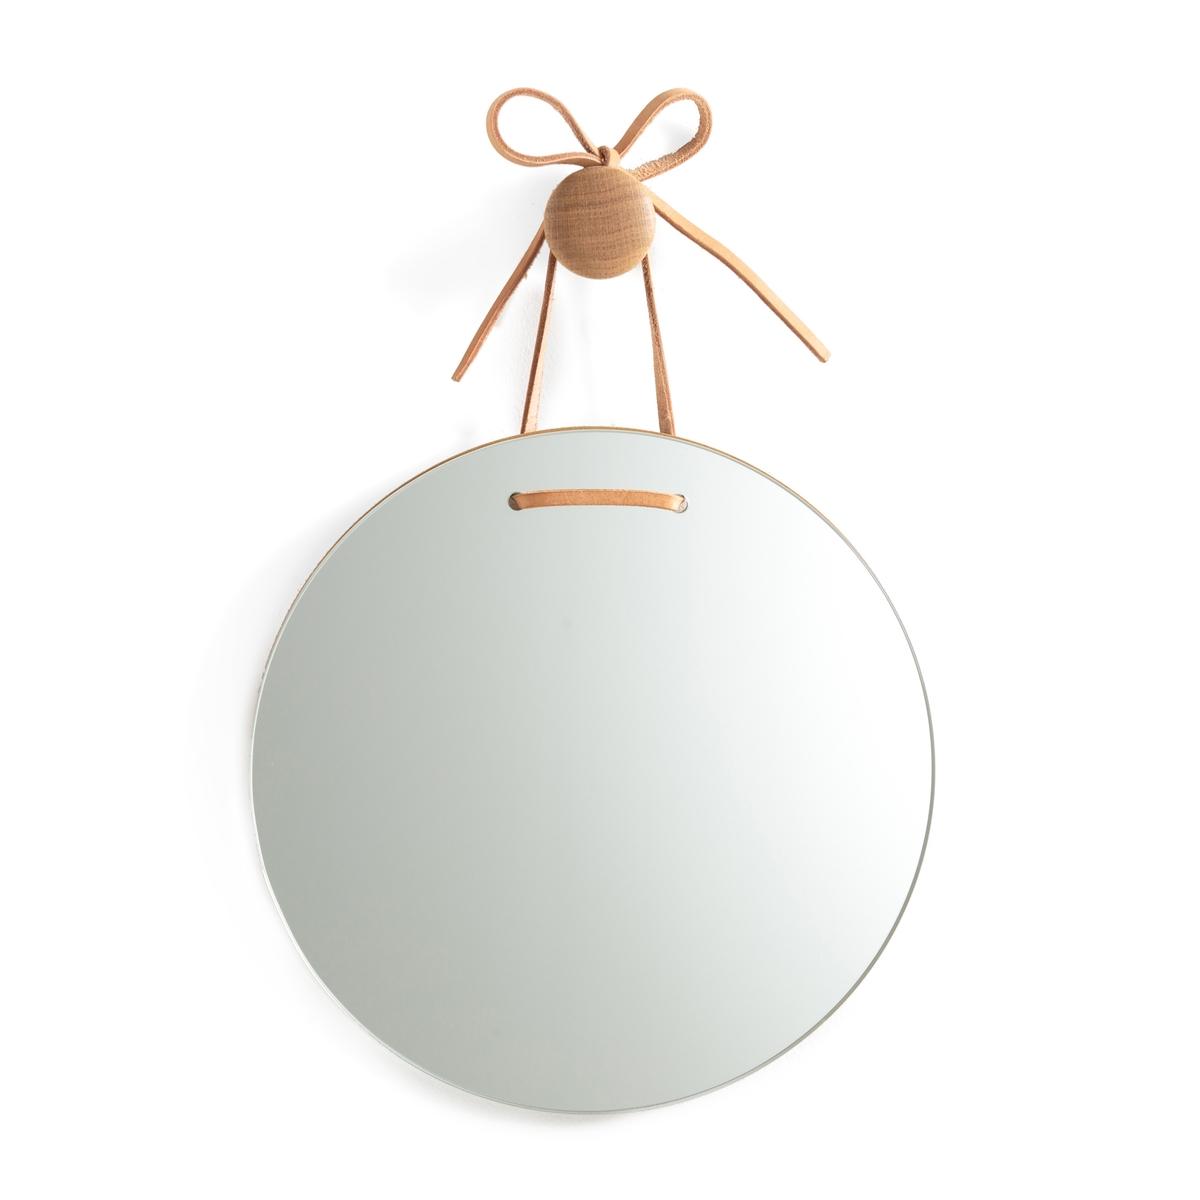 Зеркало La Redoute Круглое 30 см Kashi единый размер другие зеркало la redoute прямоугольное д x в см barbier единый размер другие